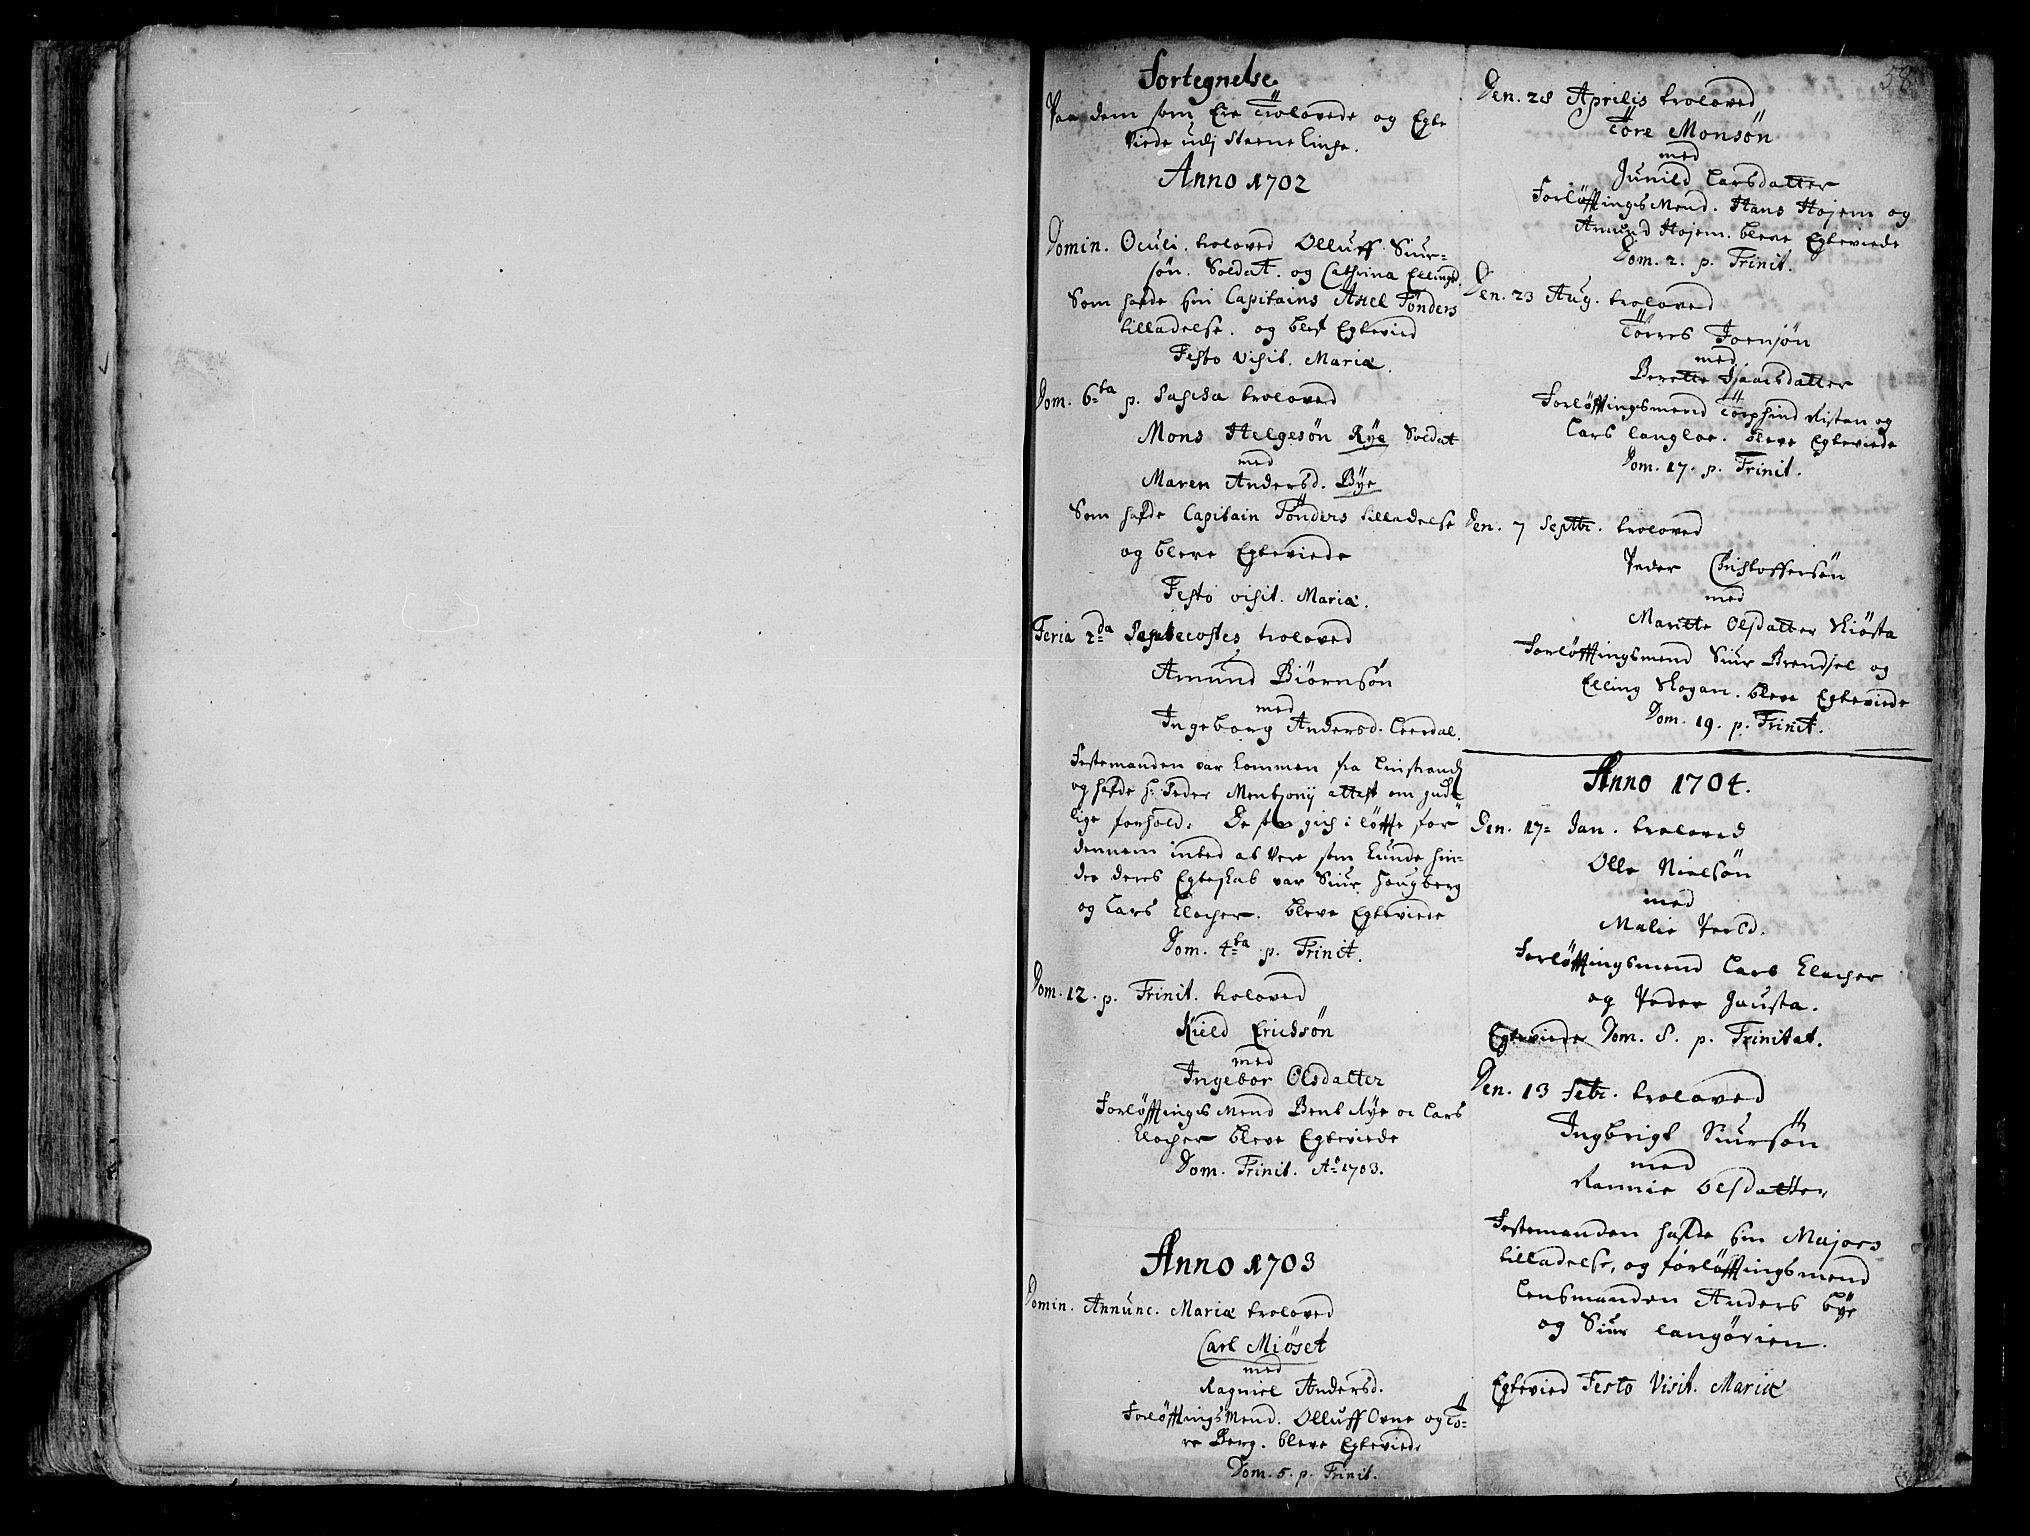 SAT, Ministerialprotokoller, klokkerbøker og fødselsregistre - Sør-Trøndelag, 612/L0368: Ministerialbok nr. 612A02, 1702-1753, s. 58